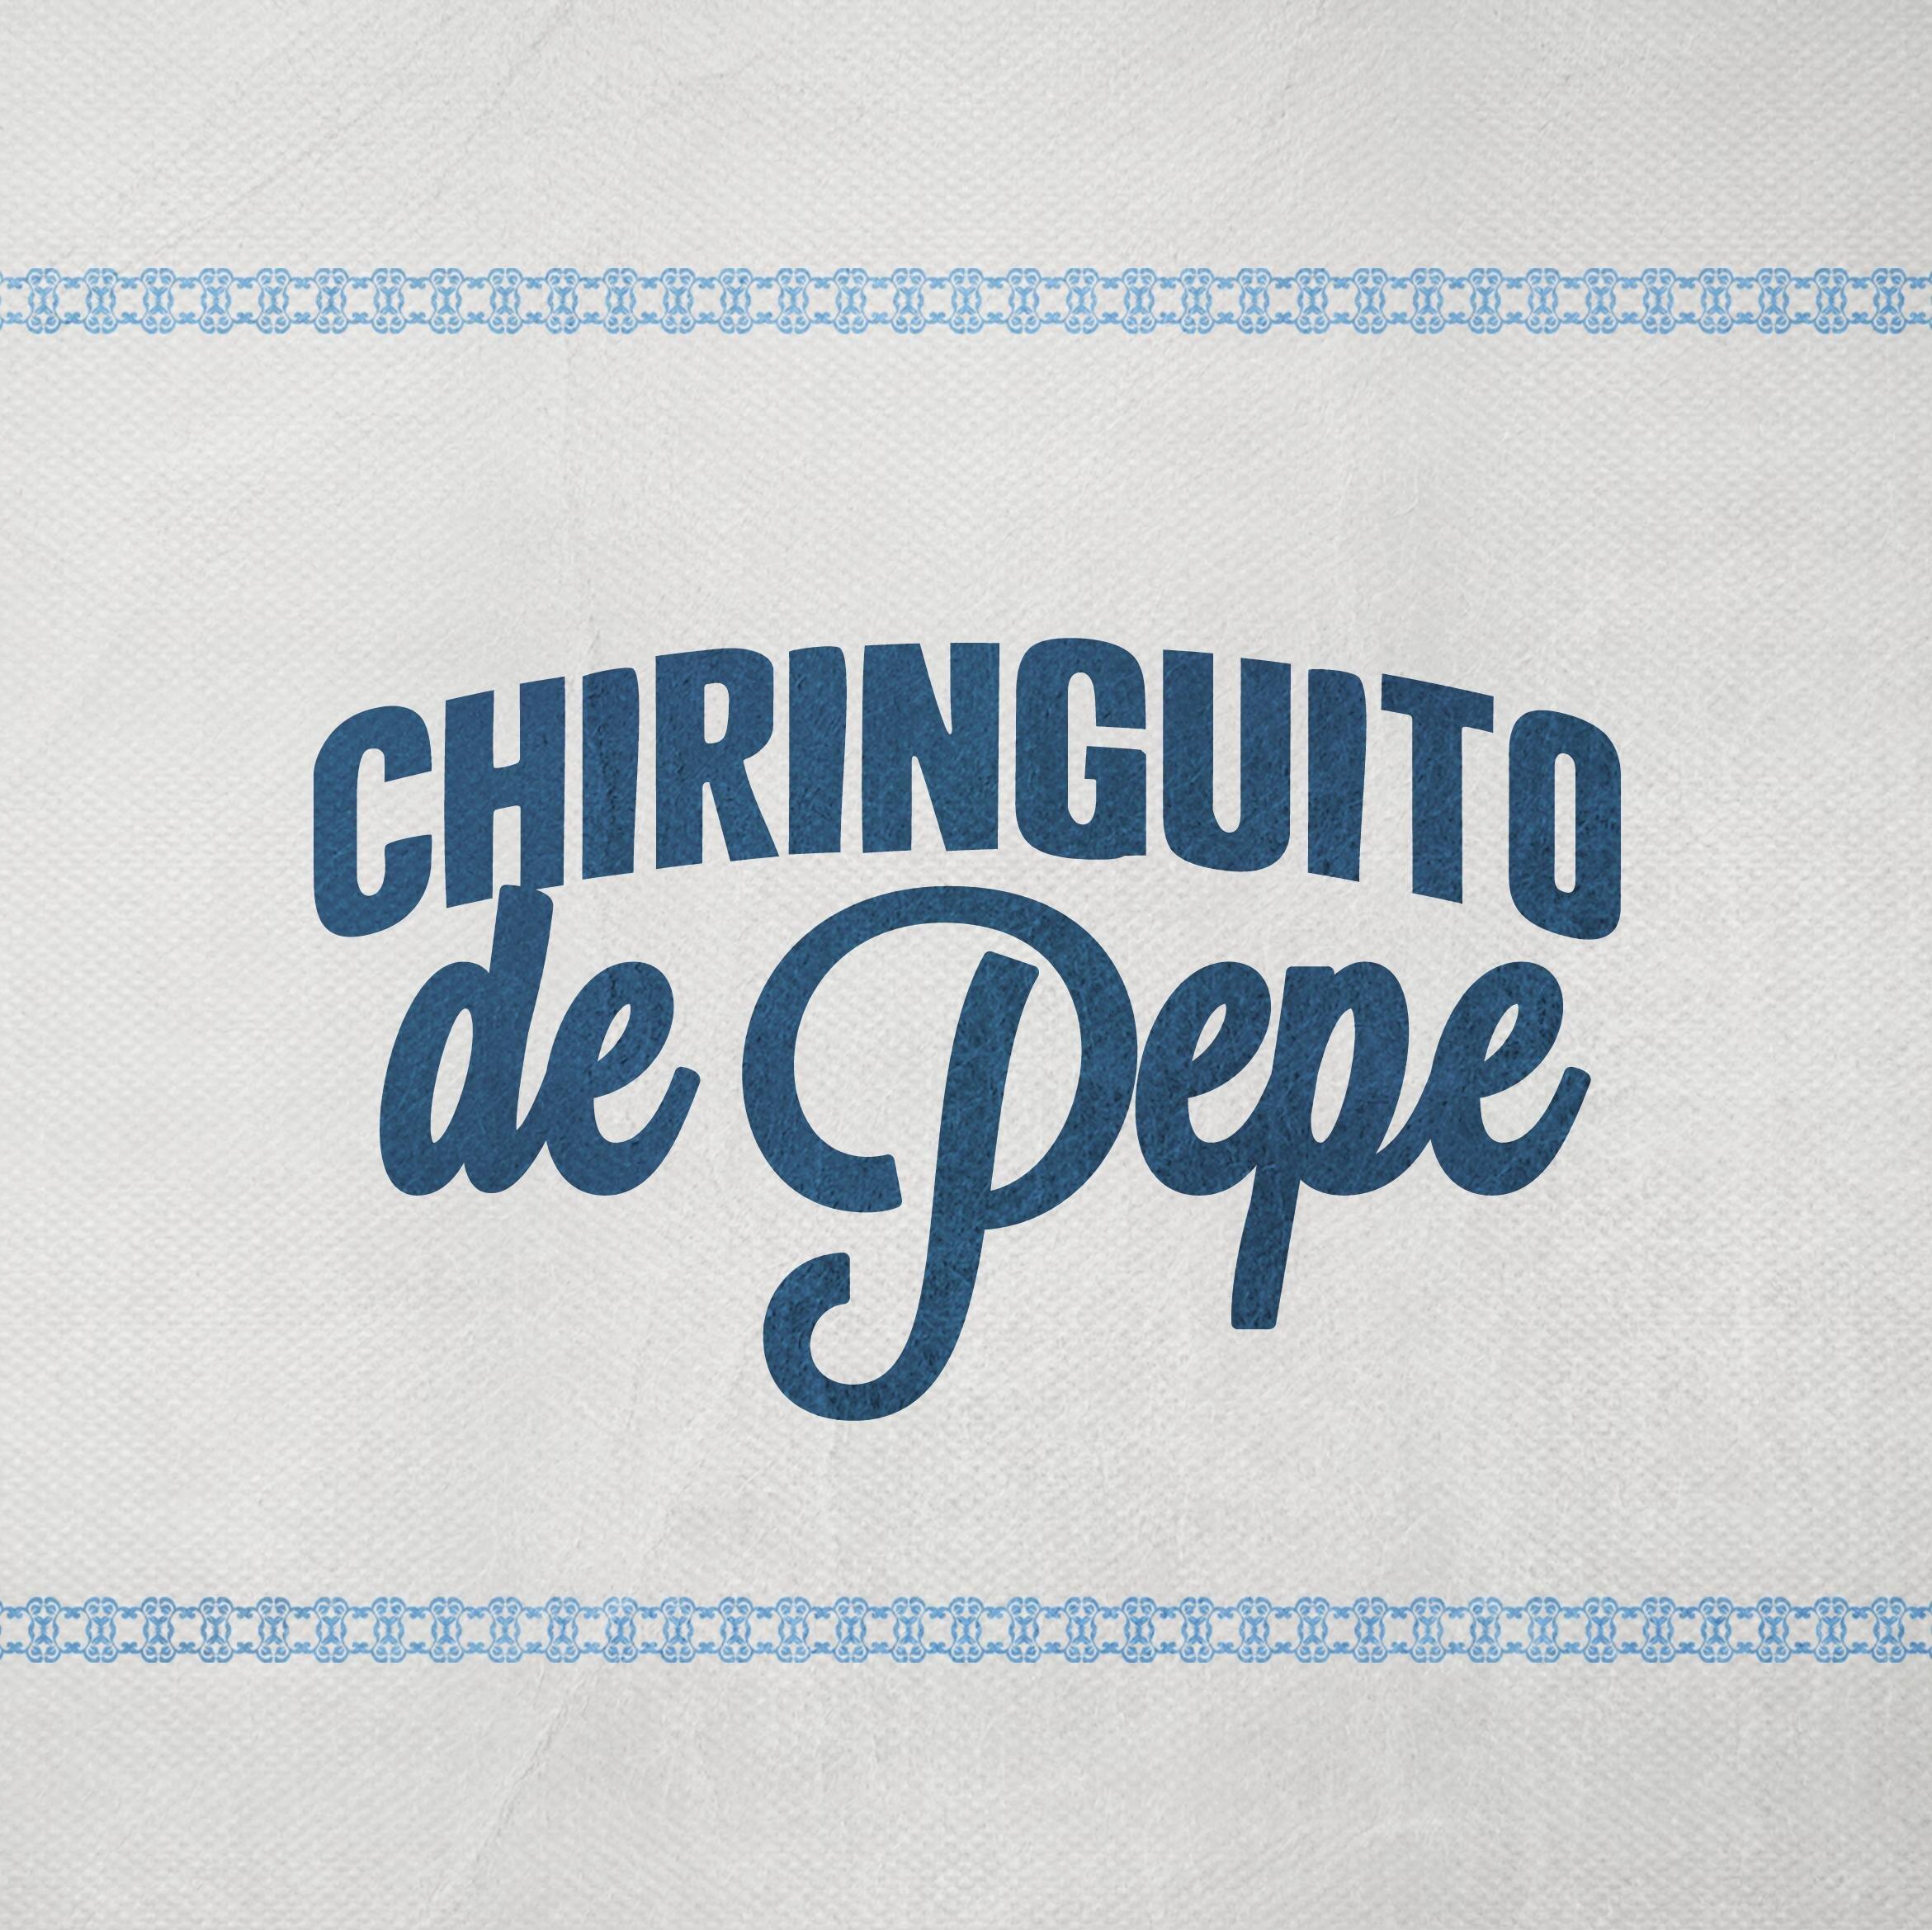 @chiringuitot5